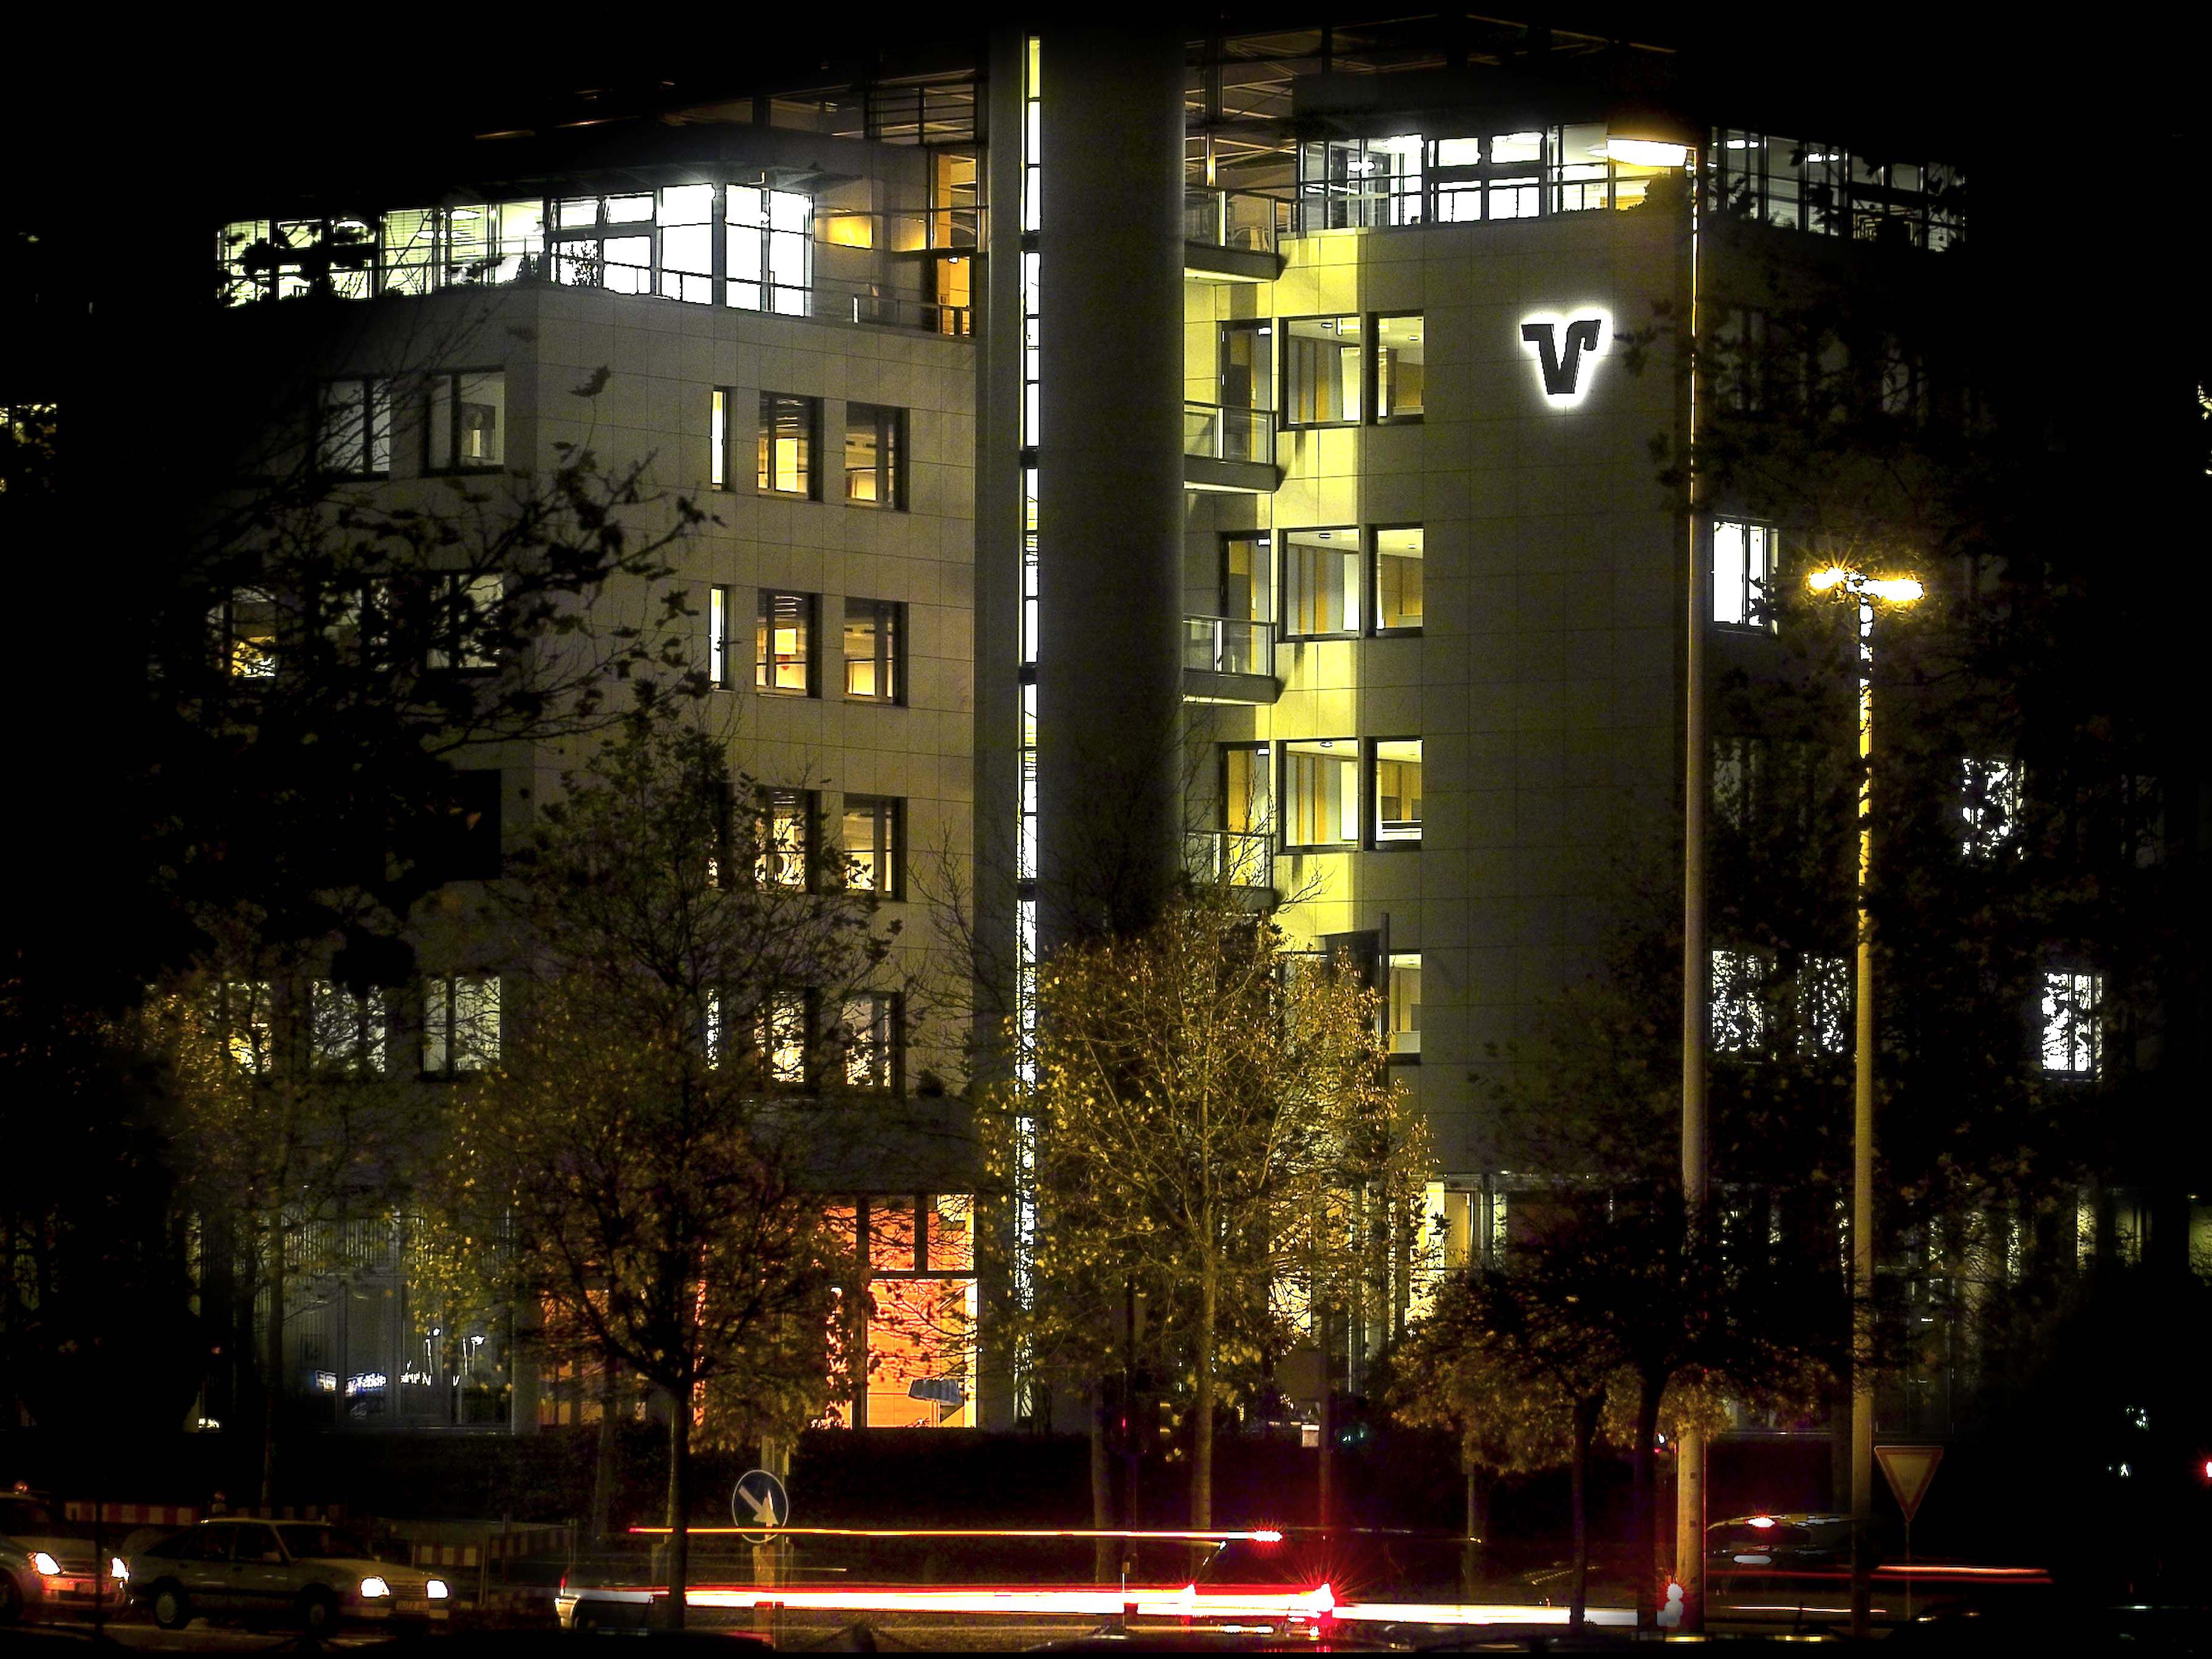 Volksbank-Haus in der Rheinaue - bei Nacht